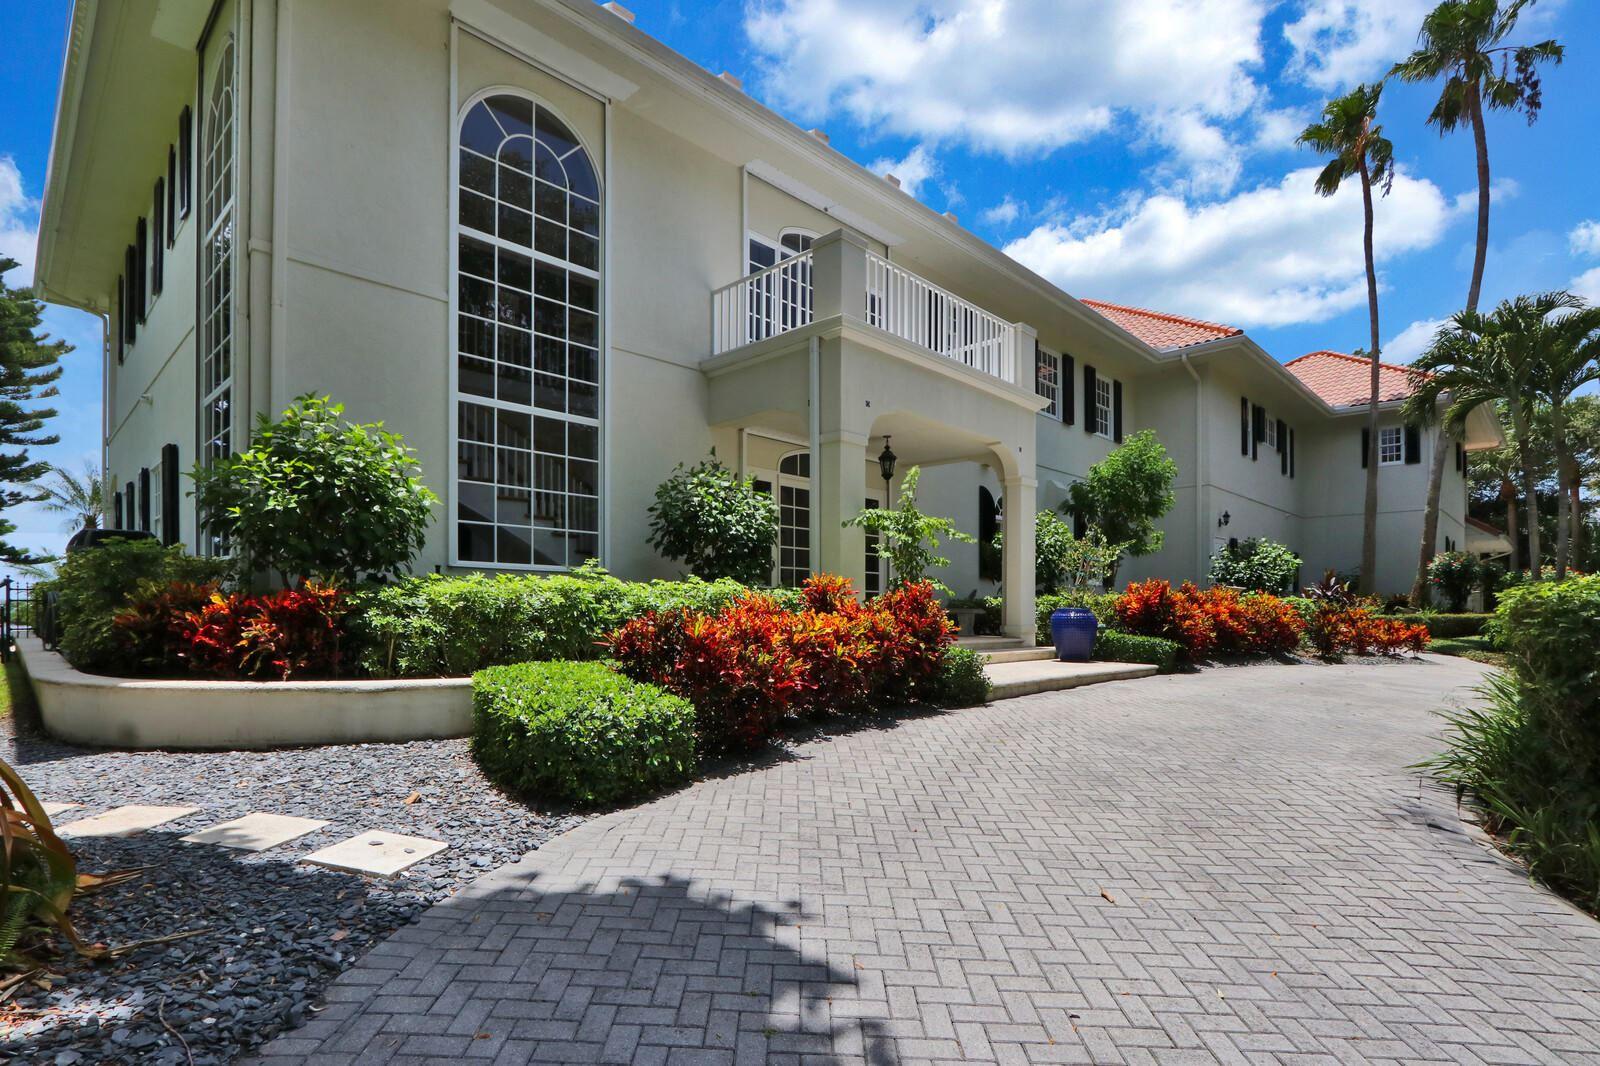 Photo of 3784 SE Old Saint Lucie Boulevard, Stuart, FL 34996 (MLS # RX-10646180)